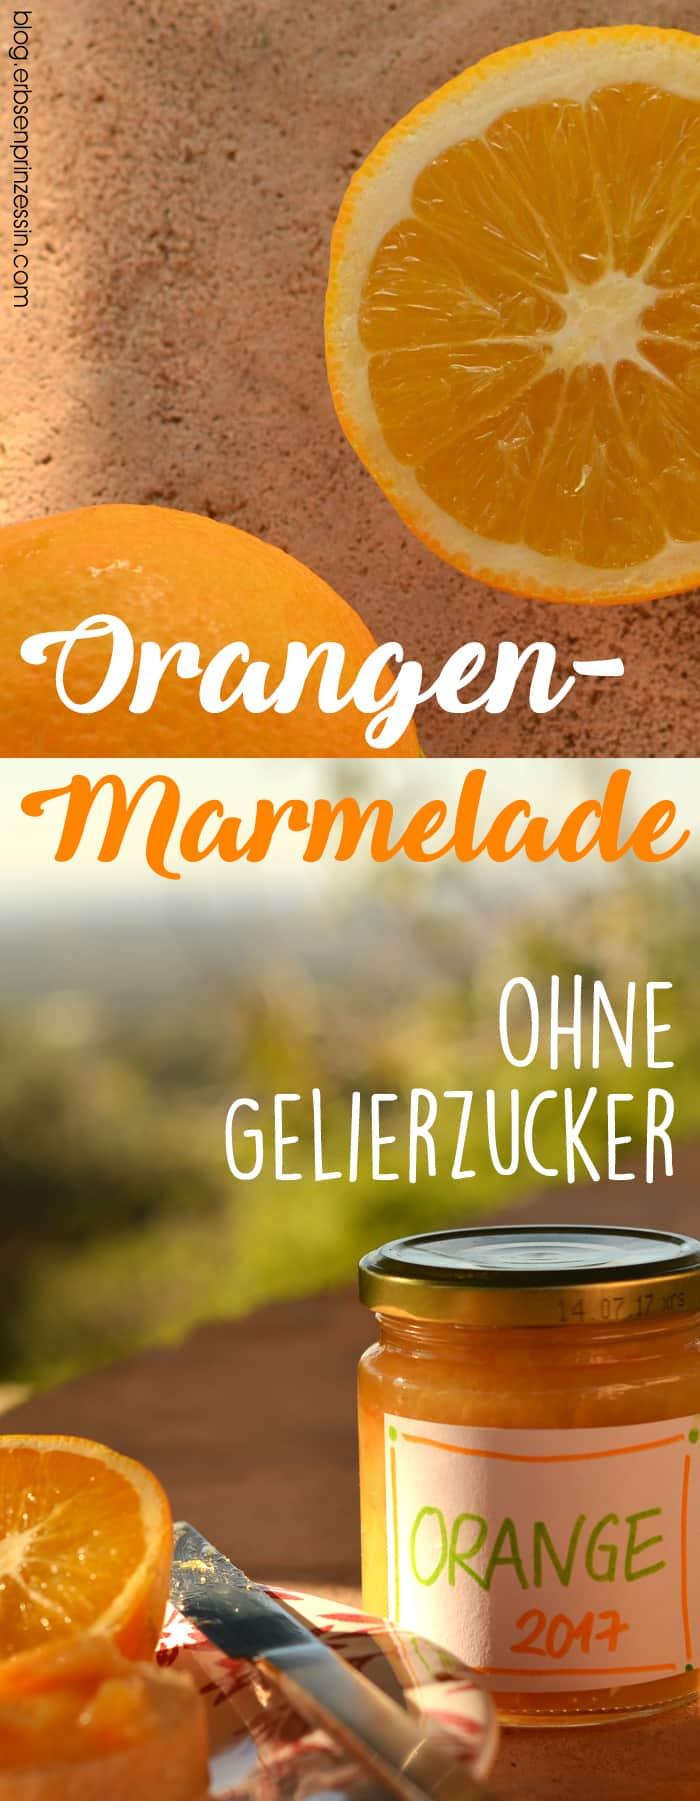 Orangenmarmelade: Rezept ohne Gelierzucker. So klappt das Marmeladekochen